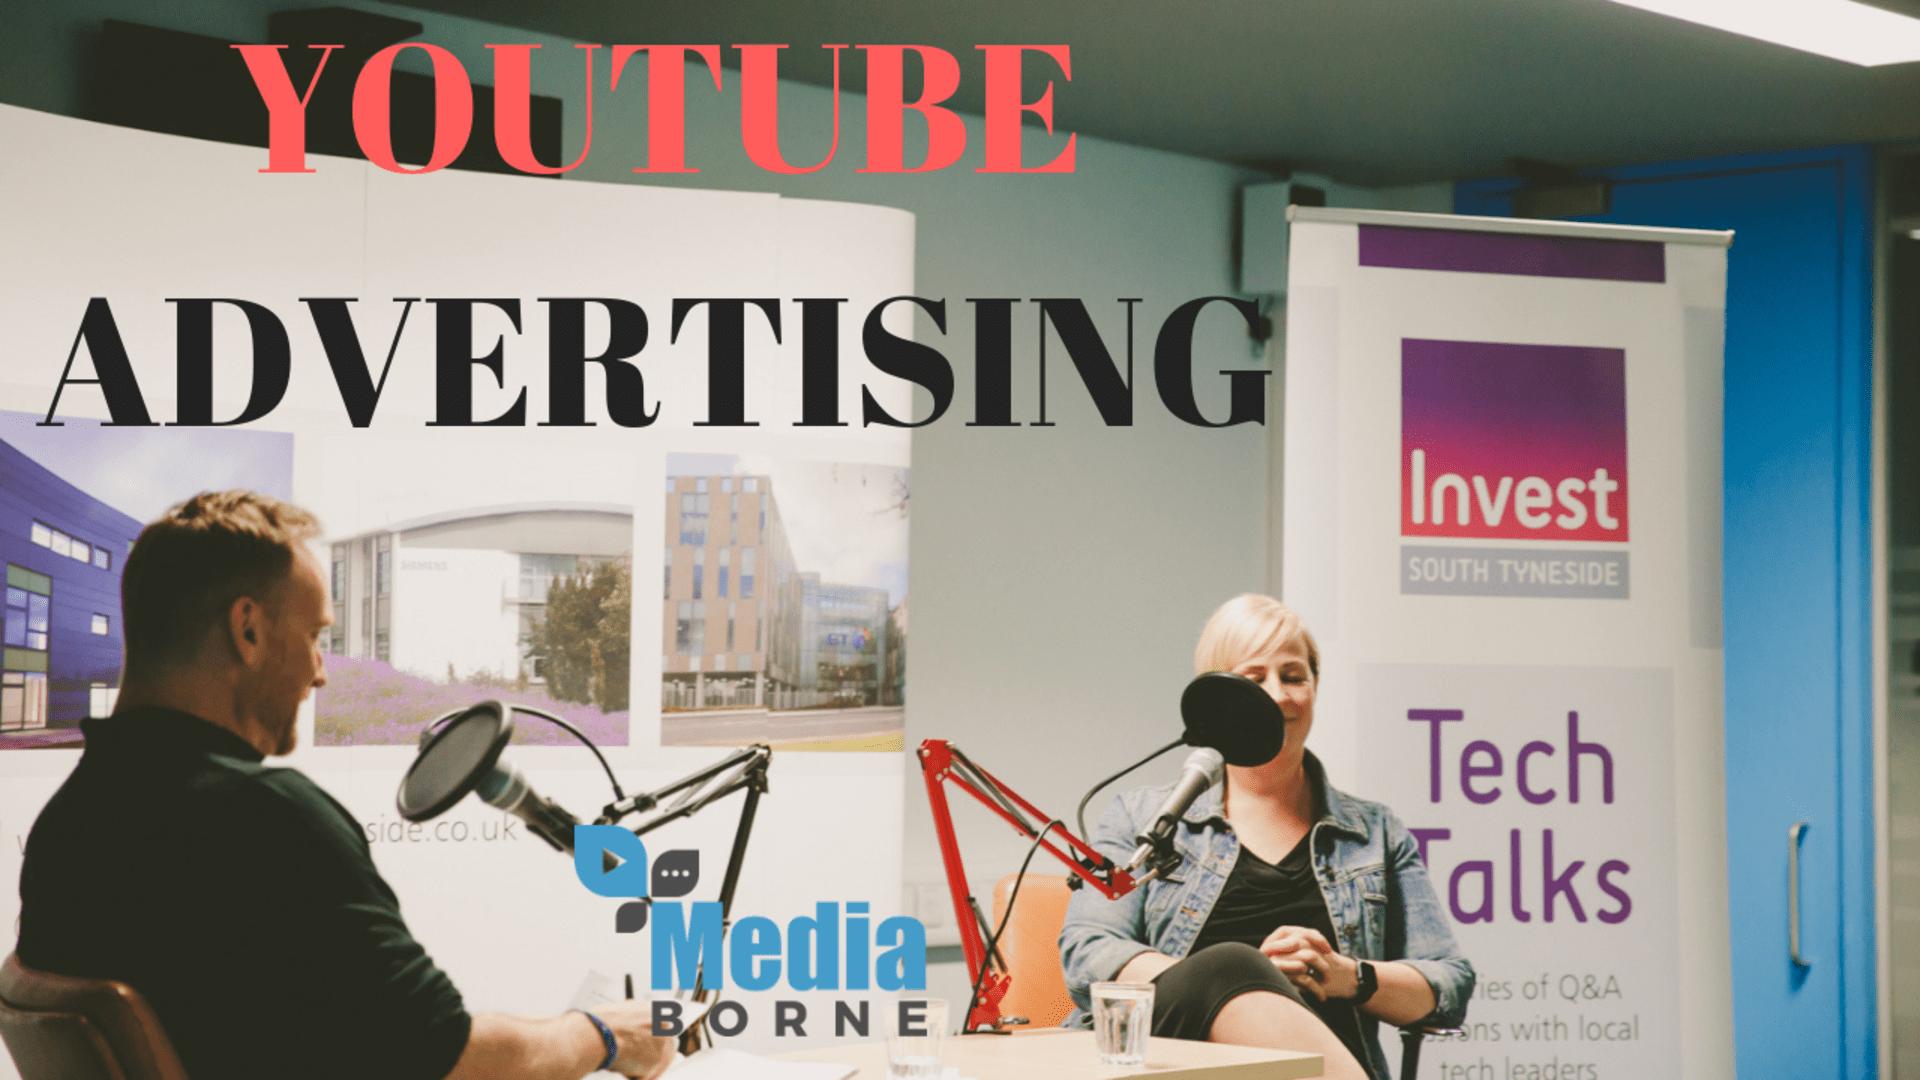 Youtube advertising large